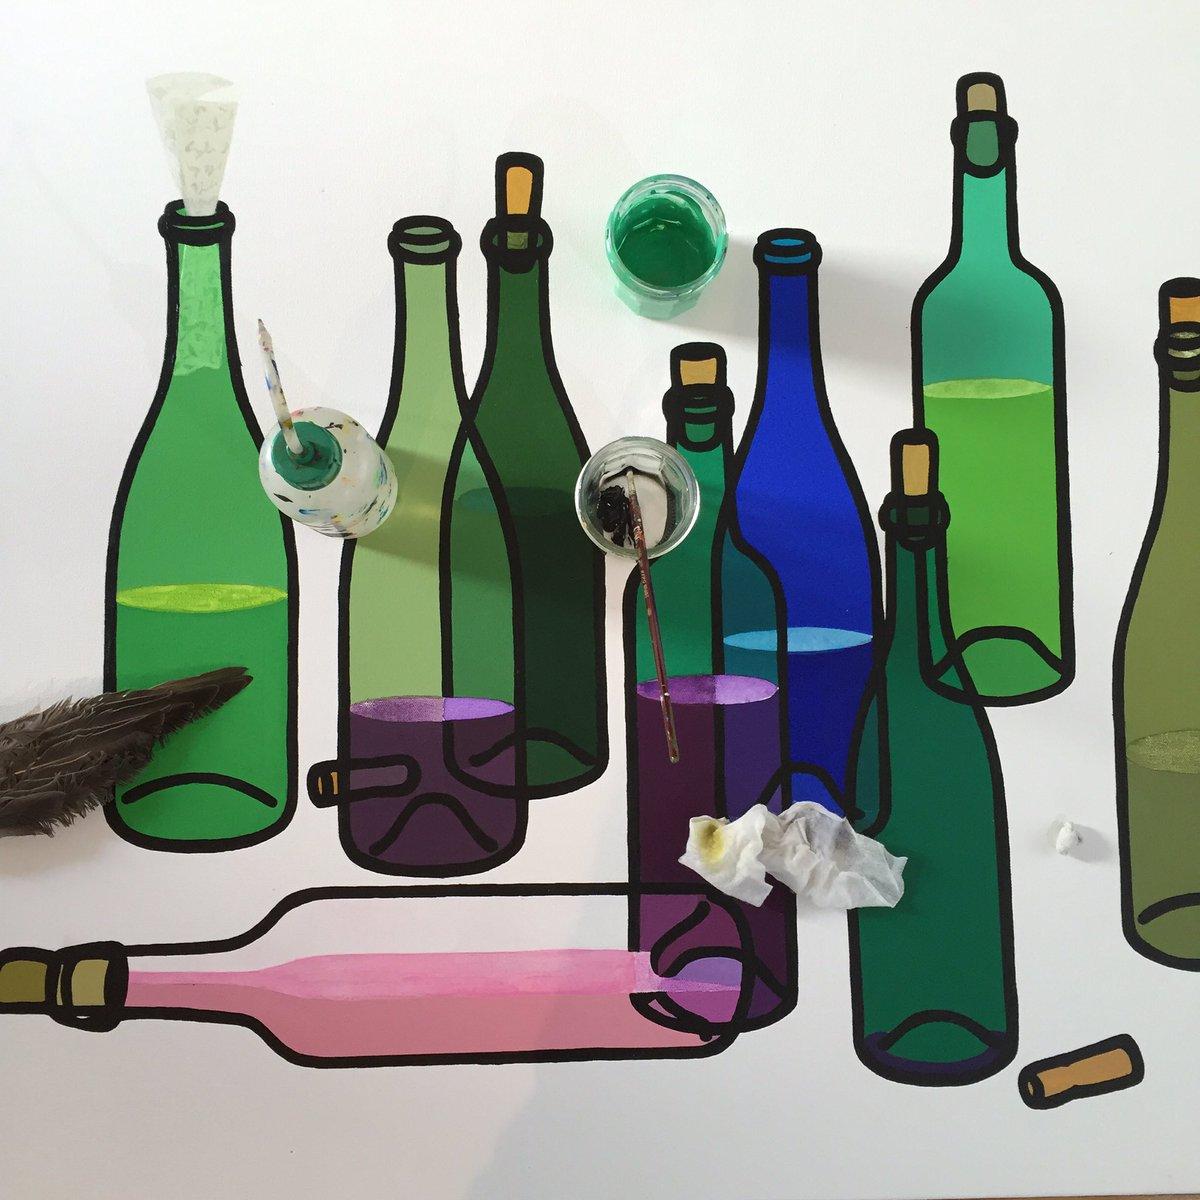 ワインをテーマにした10人の作家による展覧会に出してます。本日私が在廊日。ビオワインのインポーター「W」にて。代々木公園西門近く!15-23時までソムリエと共にお待ちしております!。500円で凄い自然派ワインと食事を提供。 https://t.co/vJYxoDXXLB